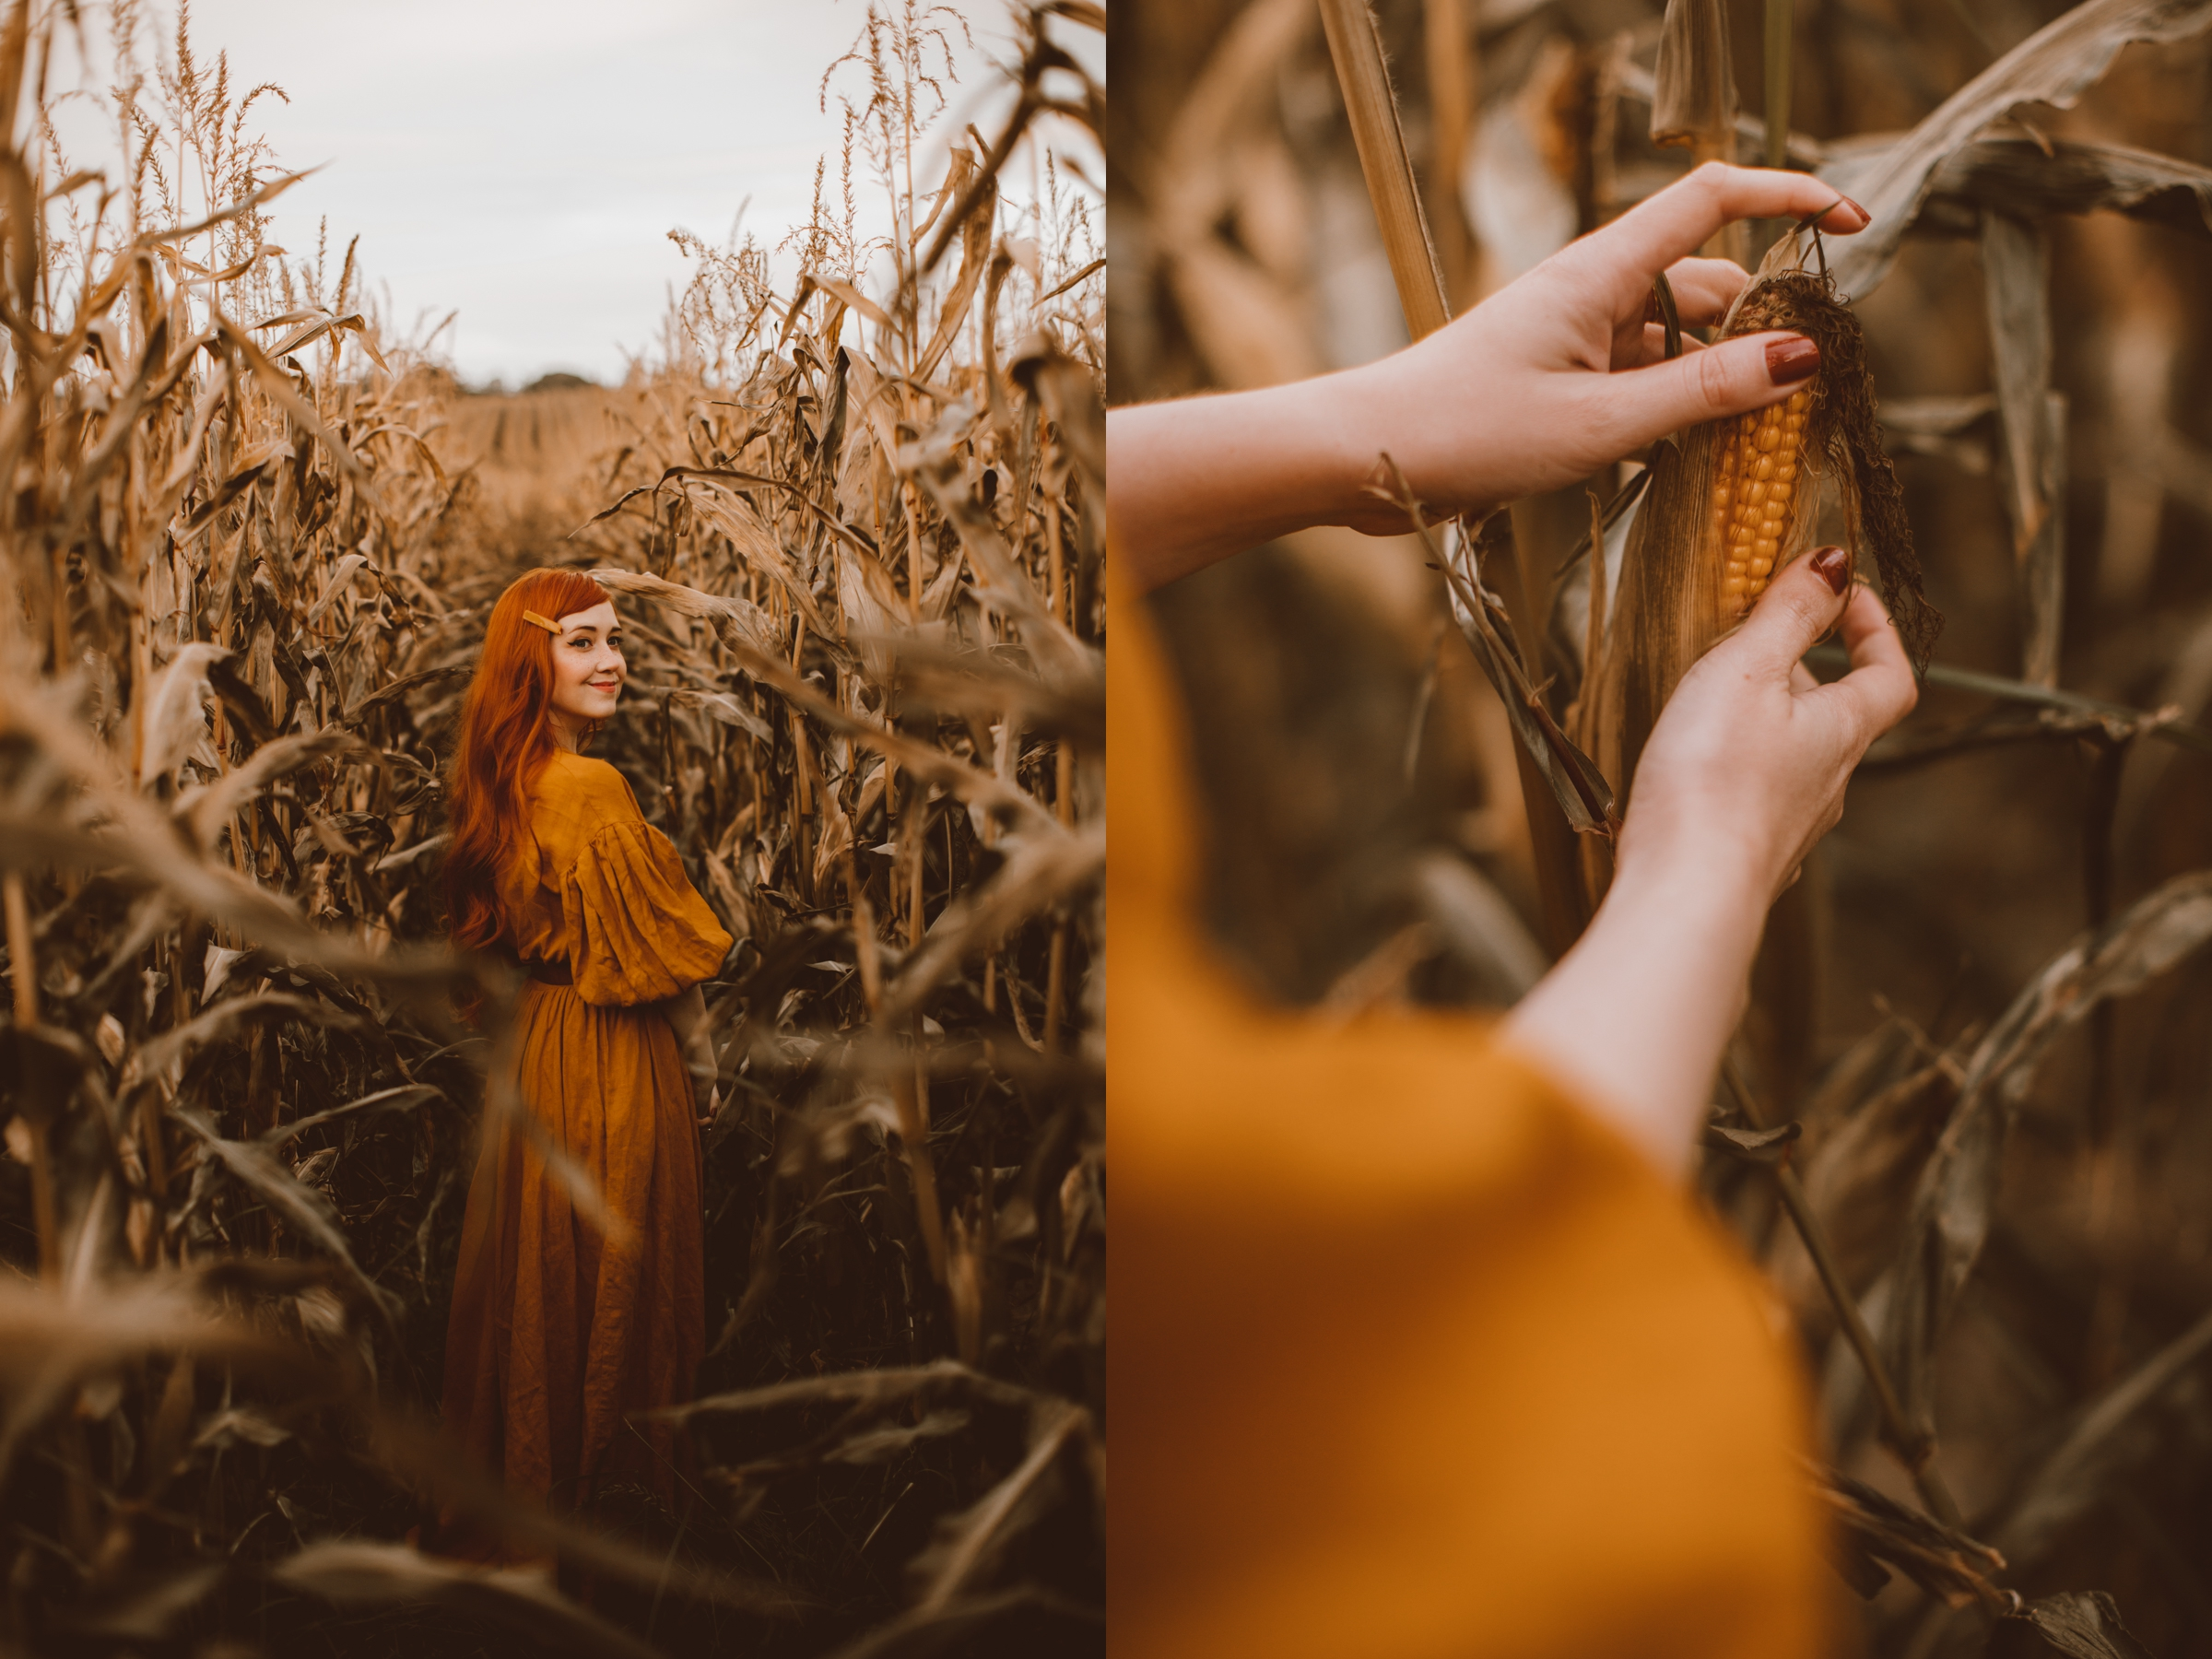 cornfield-19-side